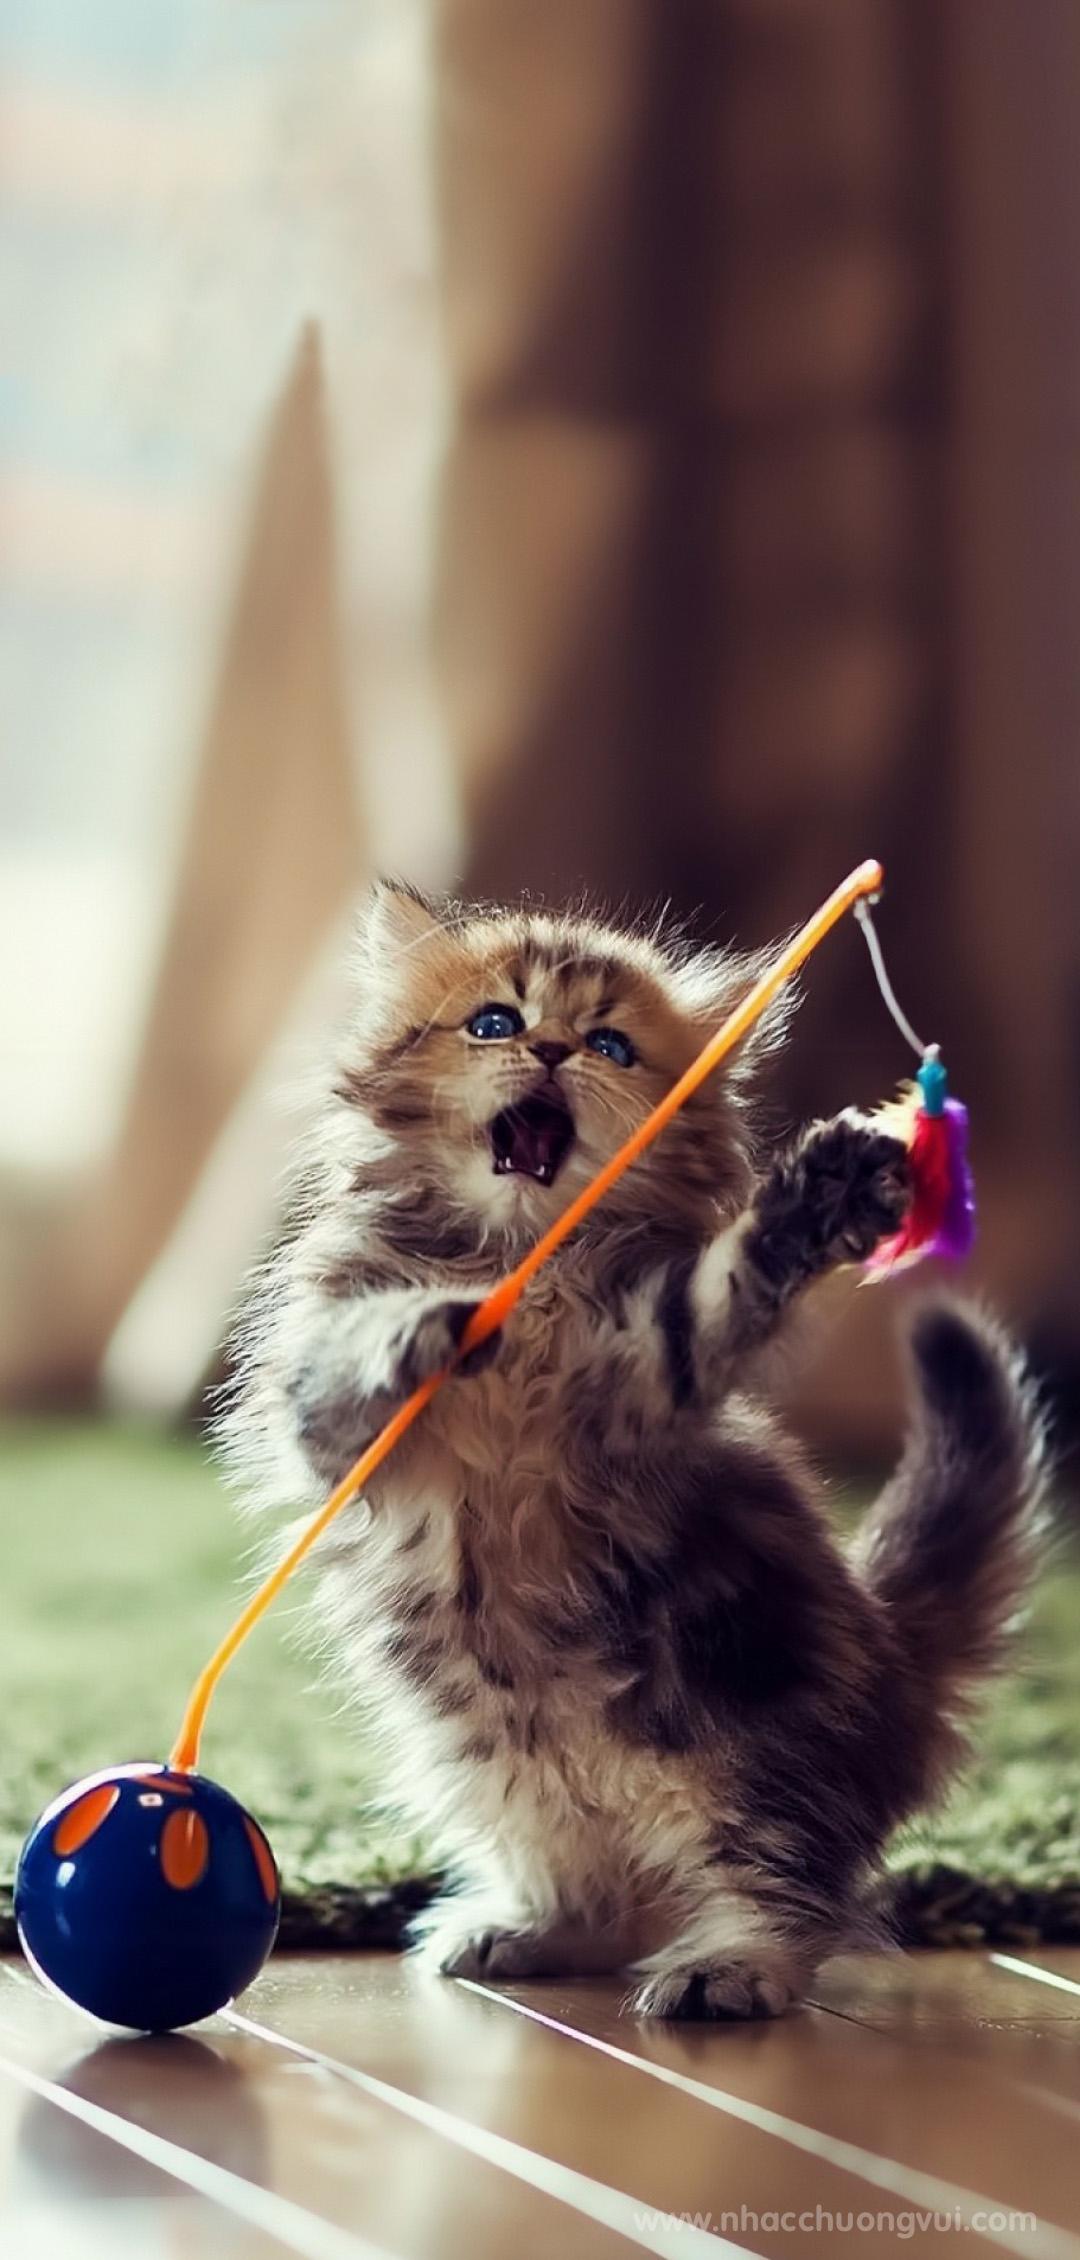 Hình nền mèo cho điện thoại dễ thương nhất 18